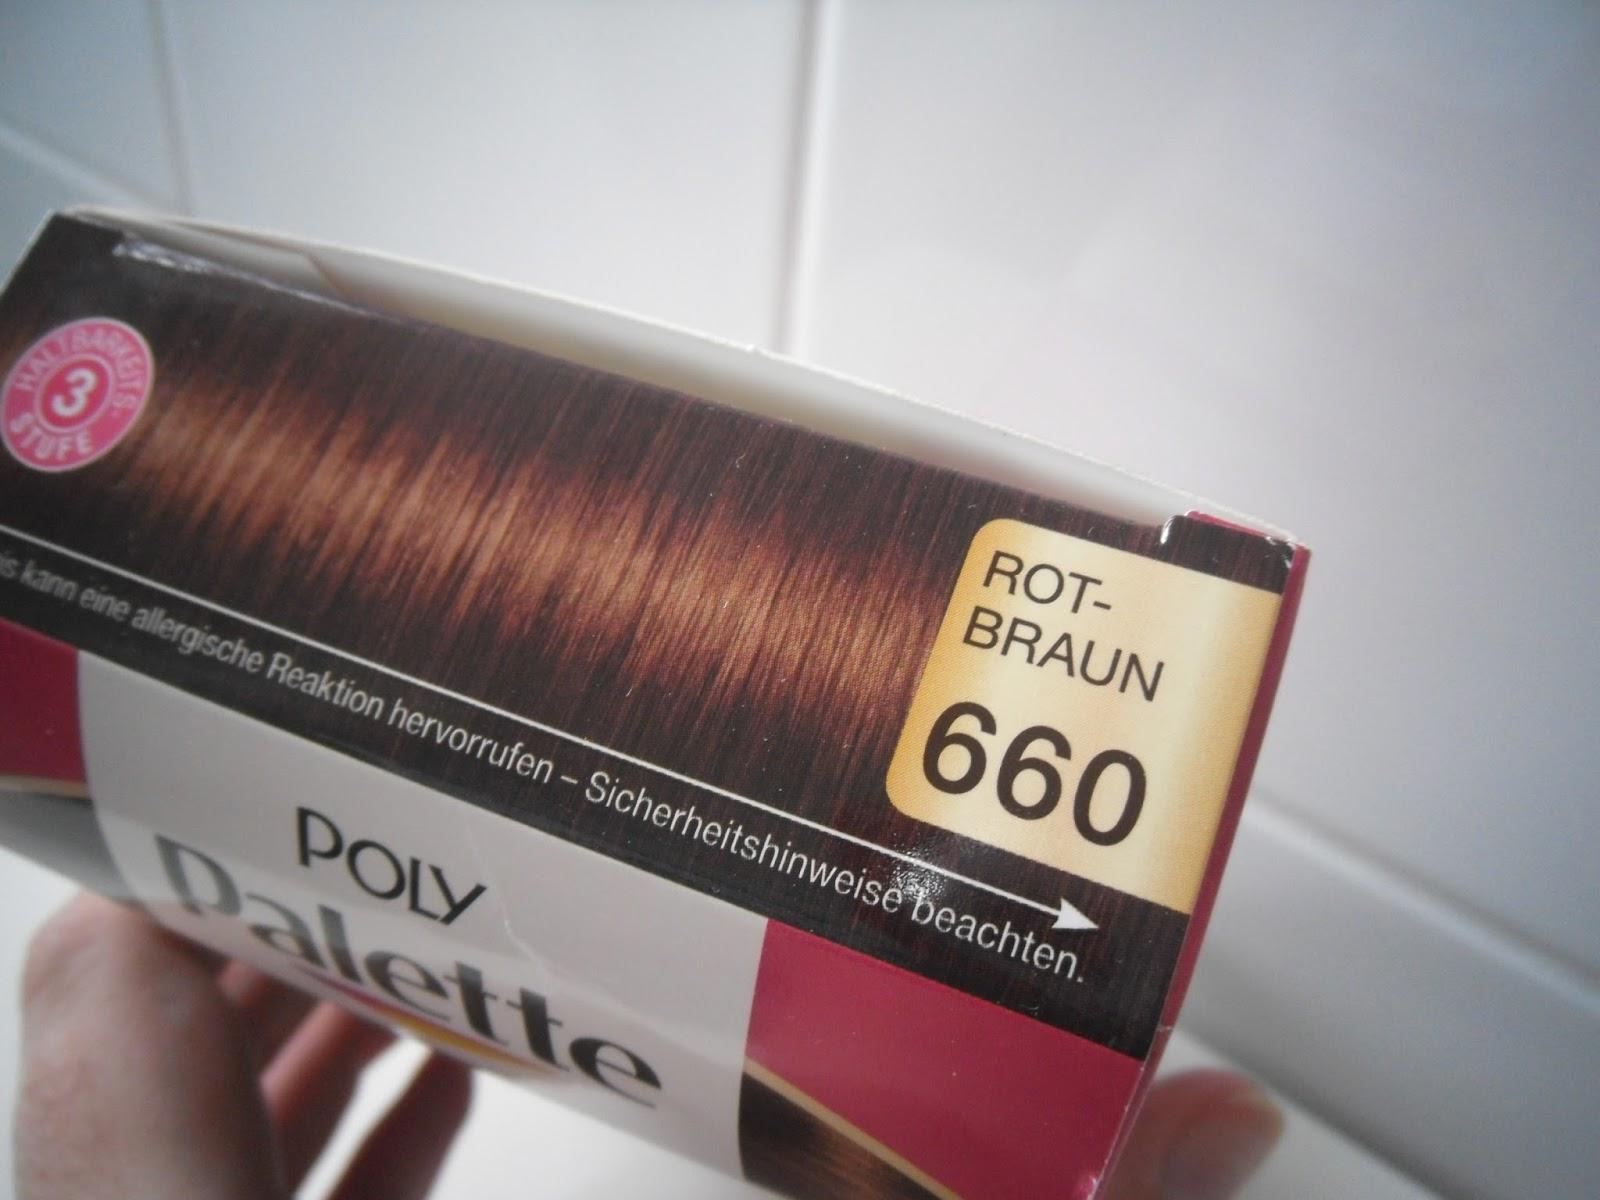 gro stadtgedanken poly palette 660 rotbraun intensiv creme coloration vorher vs nachher. Black Bedroom Furniture Sets. Home Design Ideas